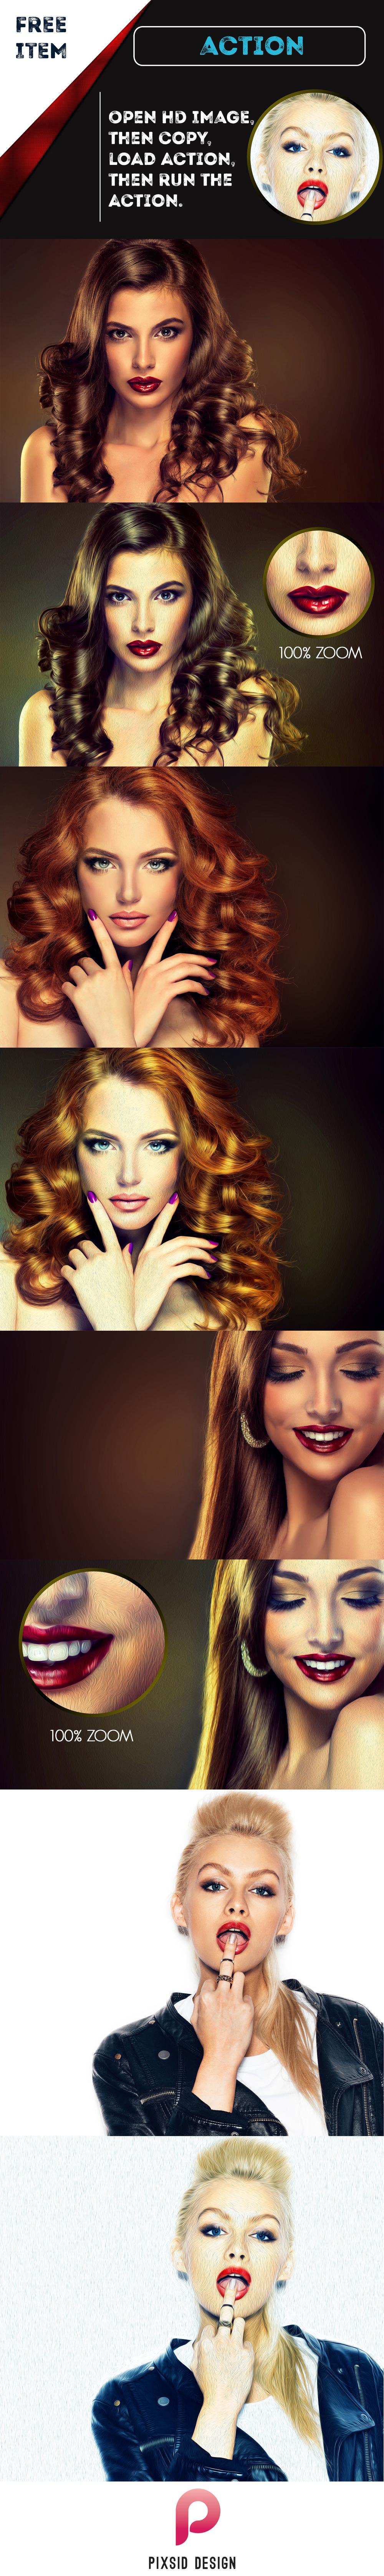 무료 포토샵 유화(오일페인팅) 액션 - Free Oil Painting Image Effect Photoshop Action